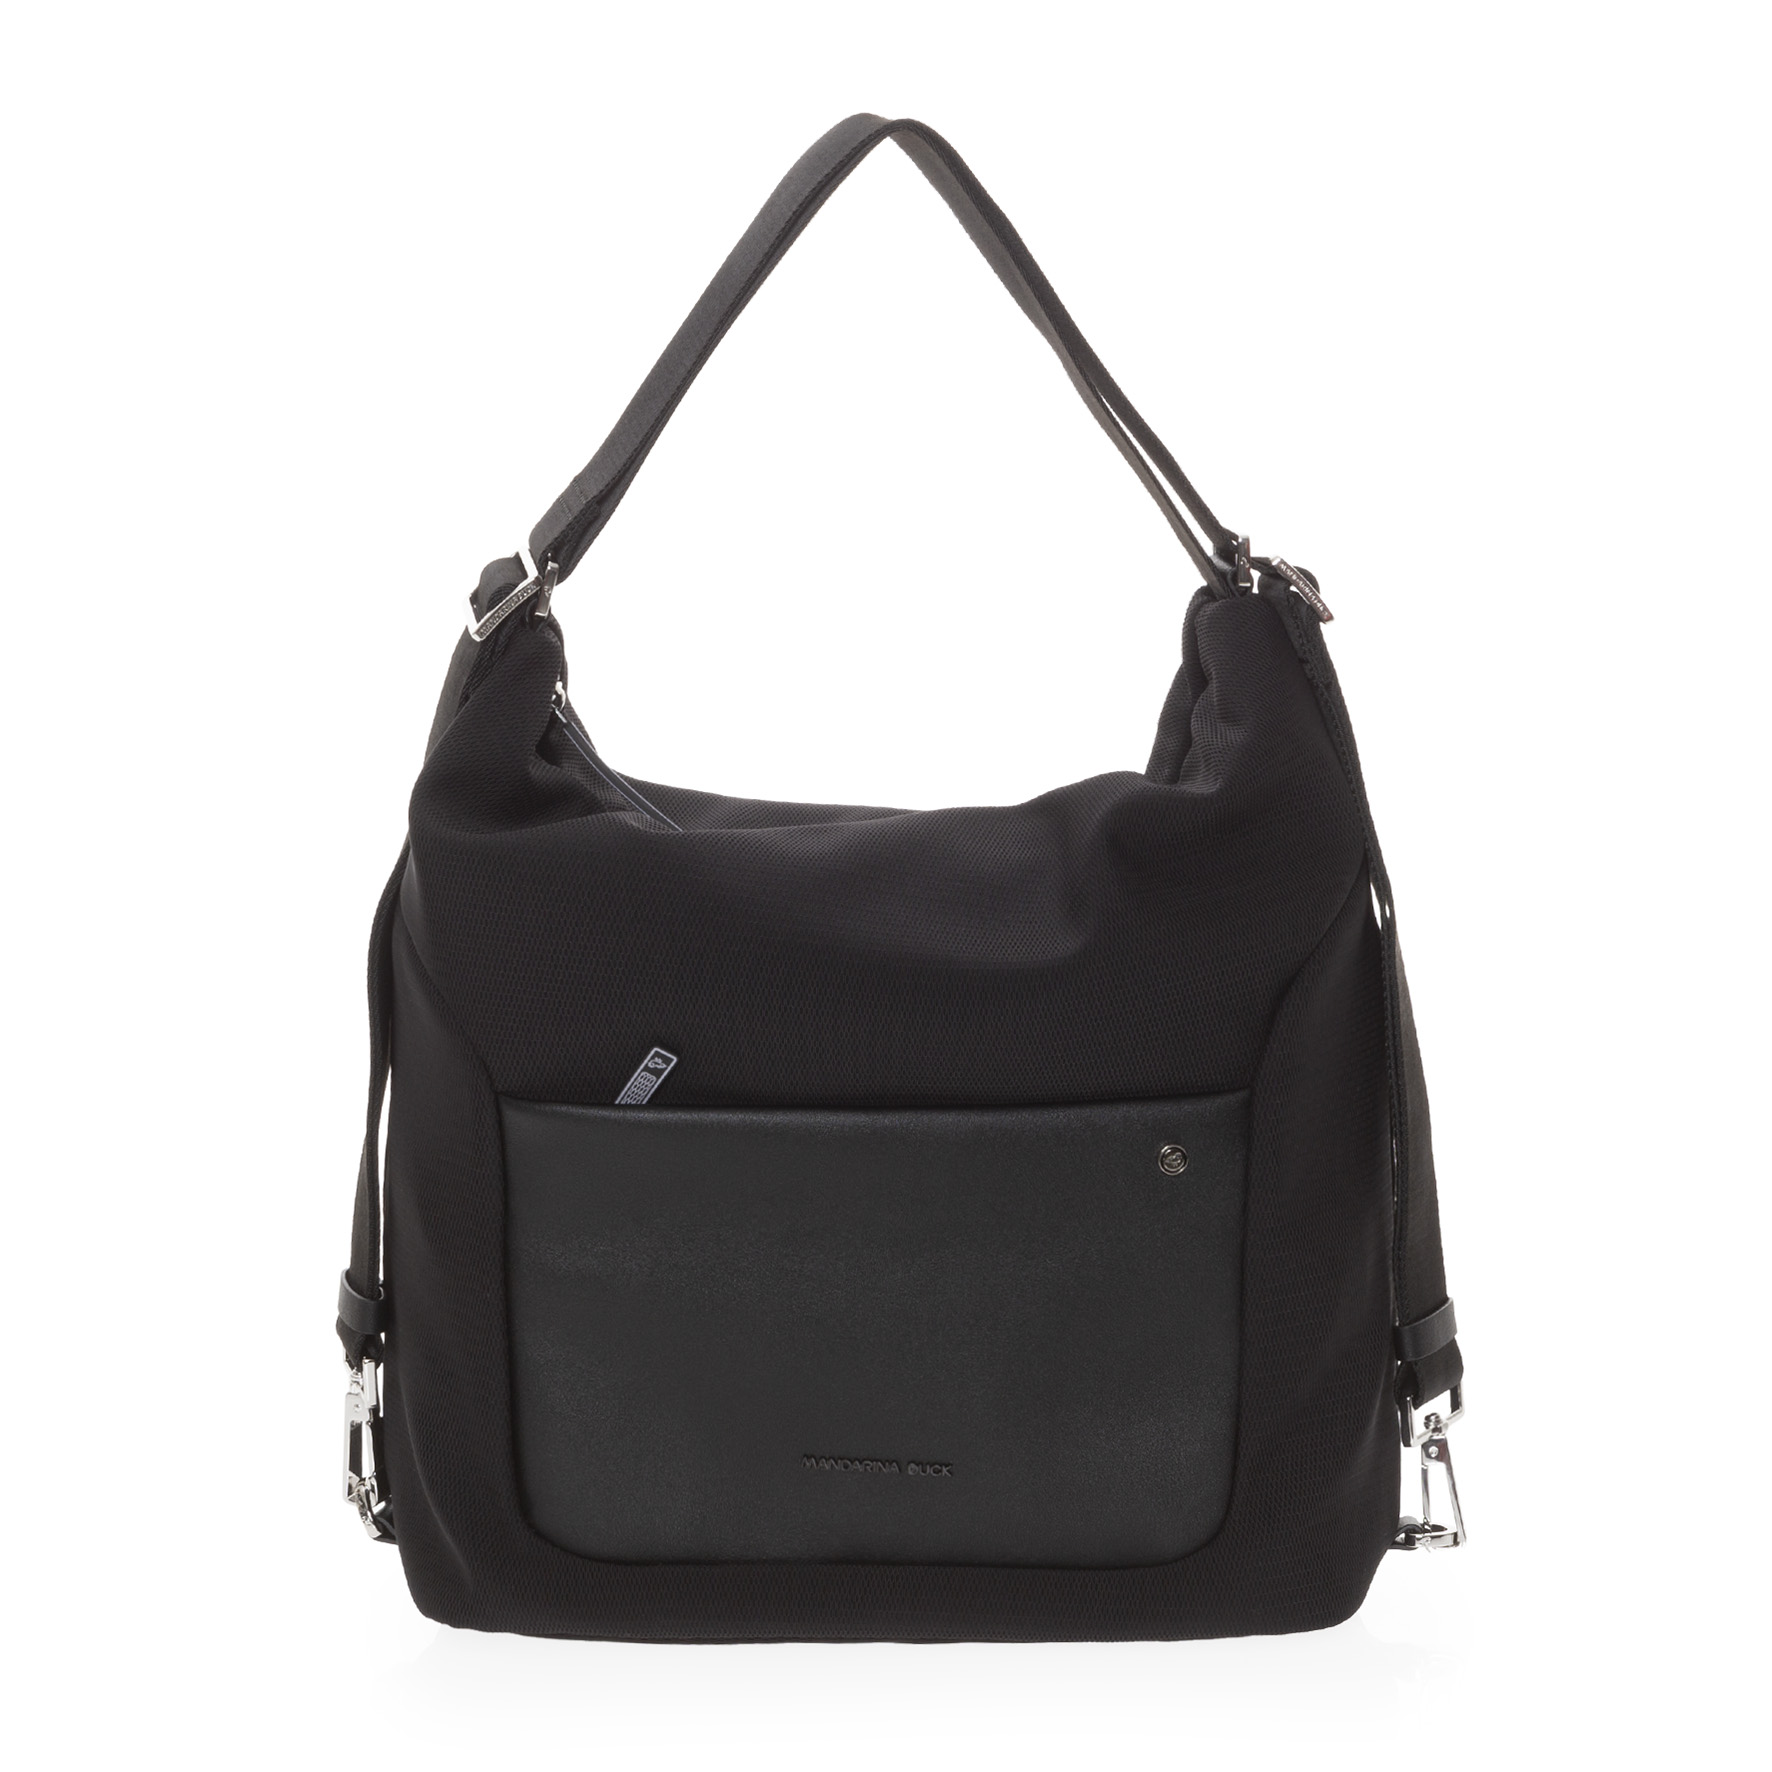 VBT06 Camden bolso mochila negro